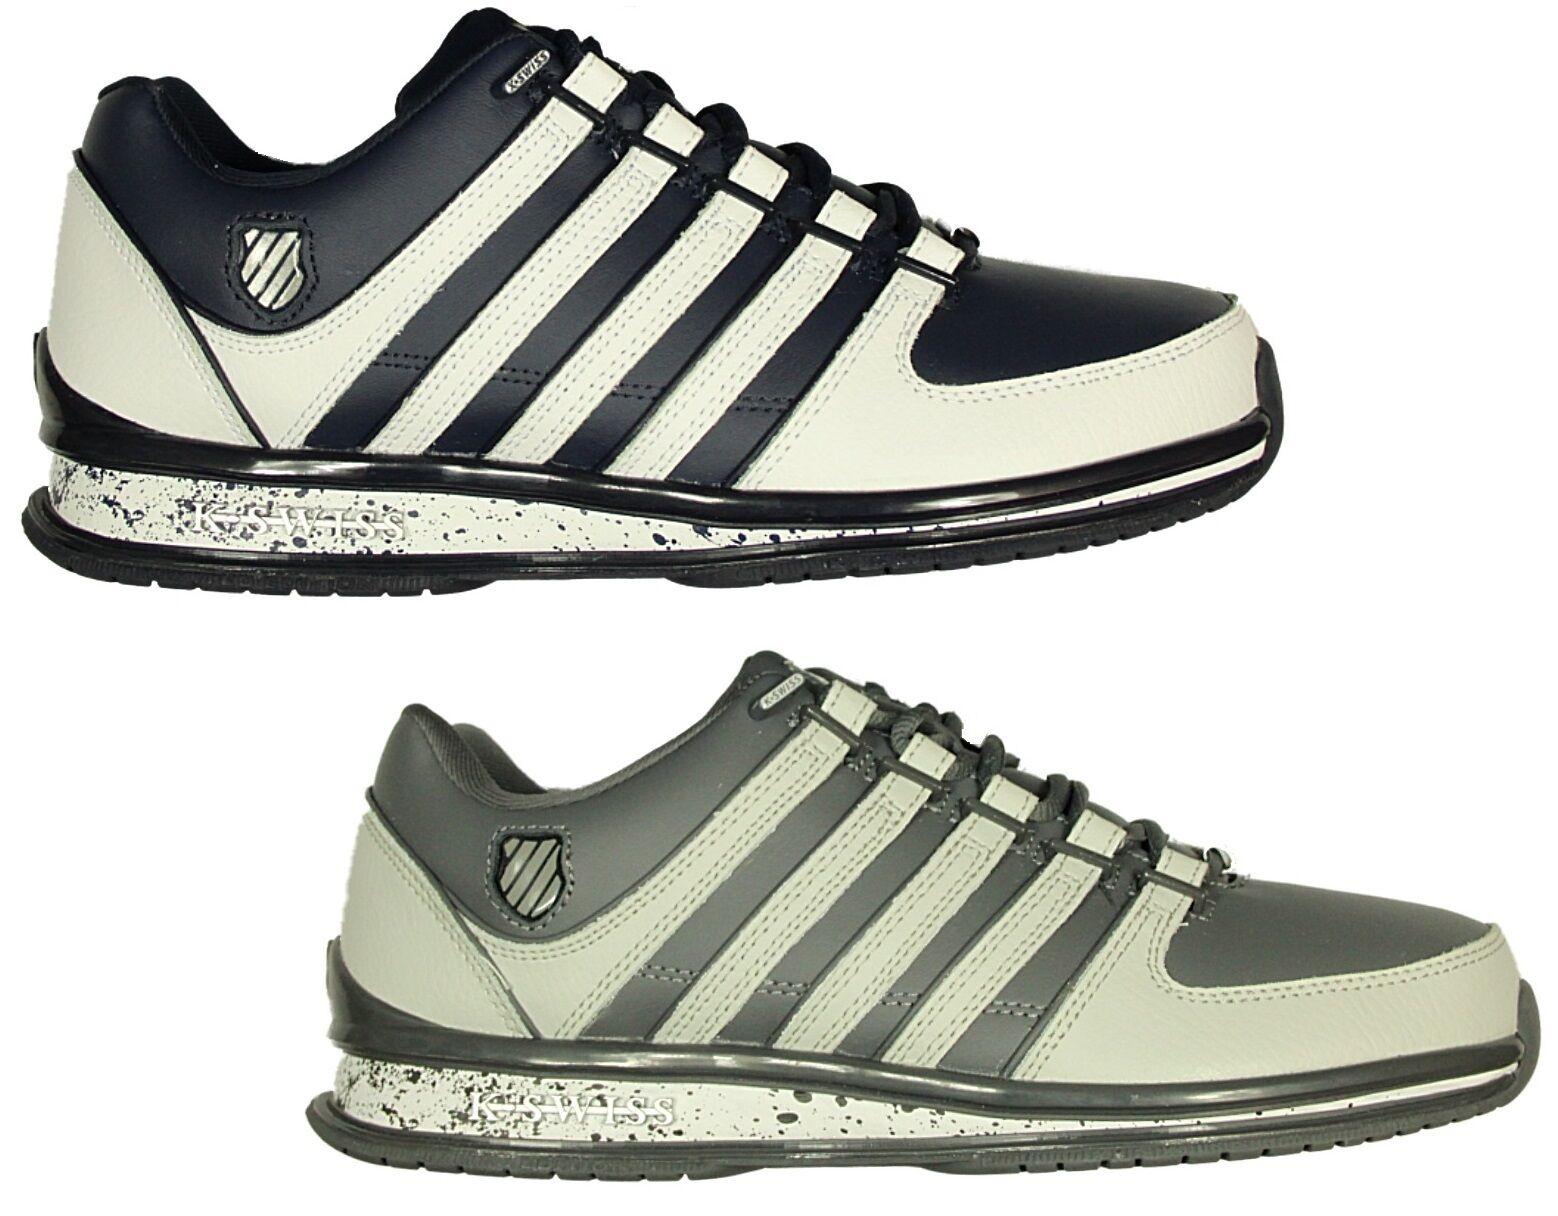 Totalmente nuevo para hombre K. SWISS Rinzler Con Cordones Zapatillas Calzado en blancooo-gris Zapatillas